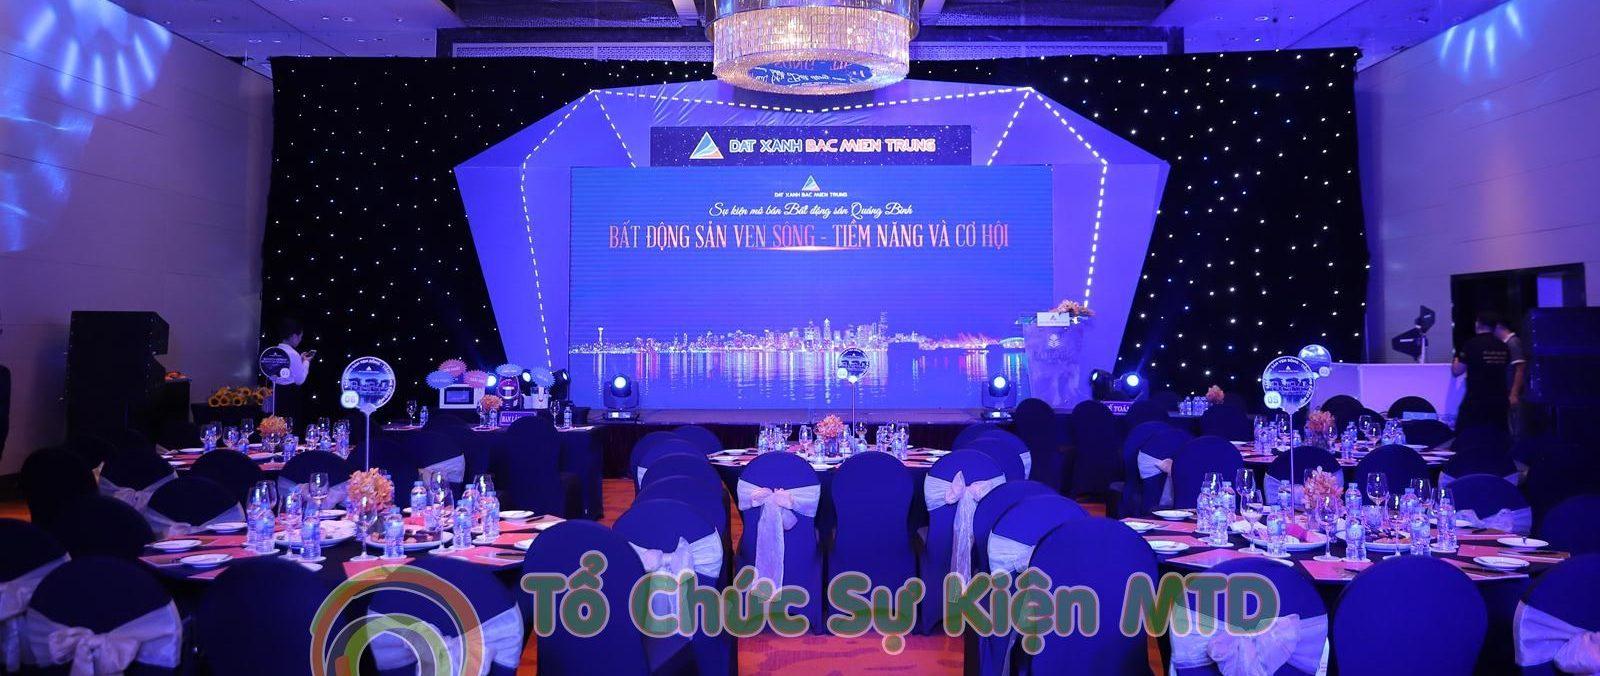 Lễ Mở Bán Diamond Riverside Đất Xanh Bắc Miền Trung